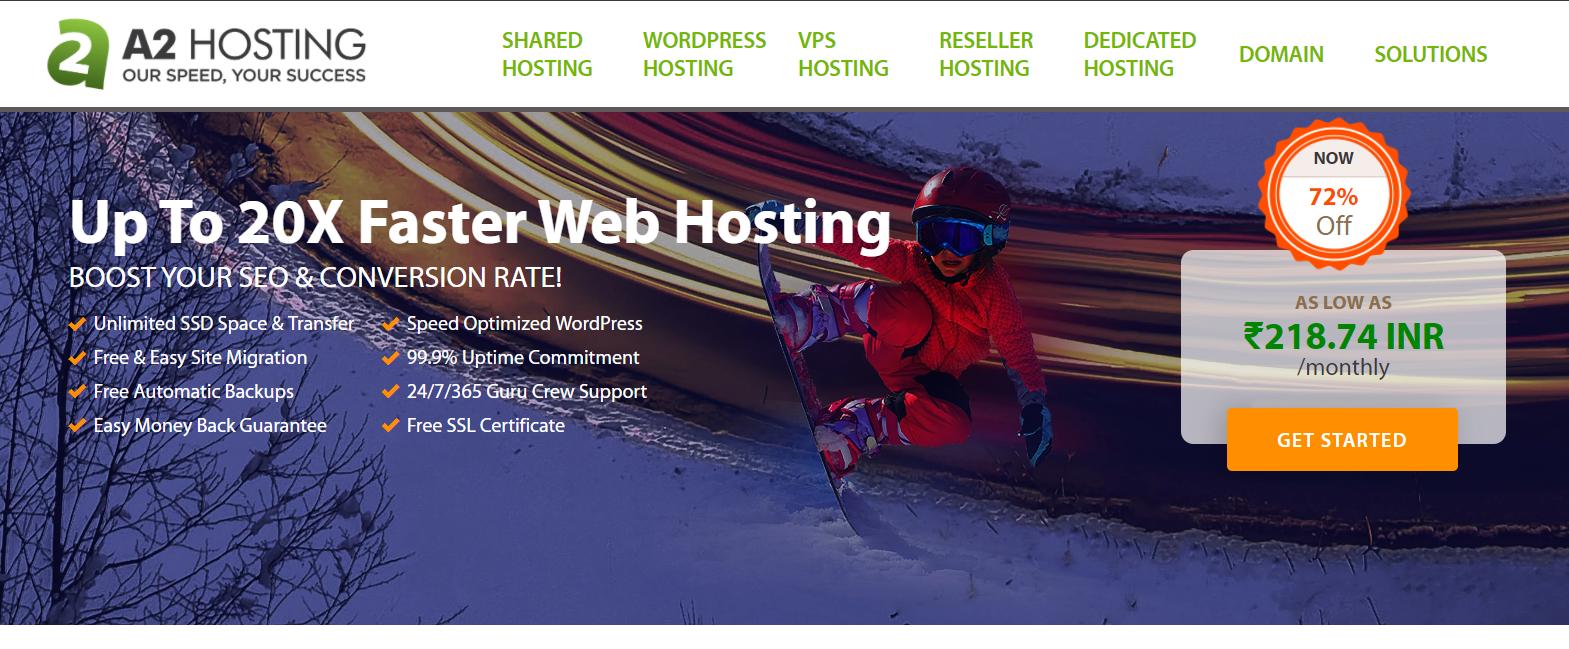 a2 hosting hosting - digitally atanu